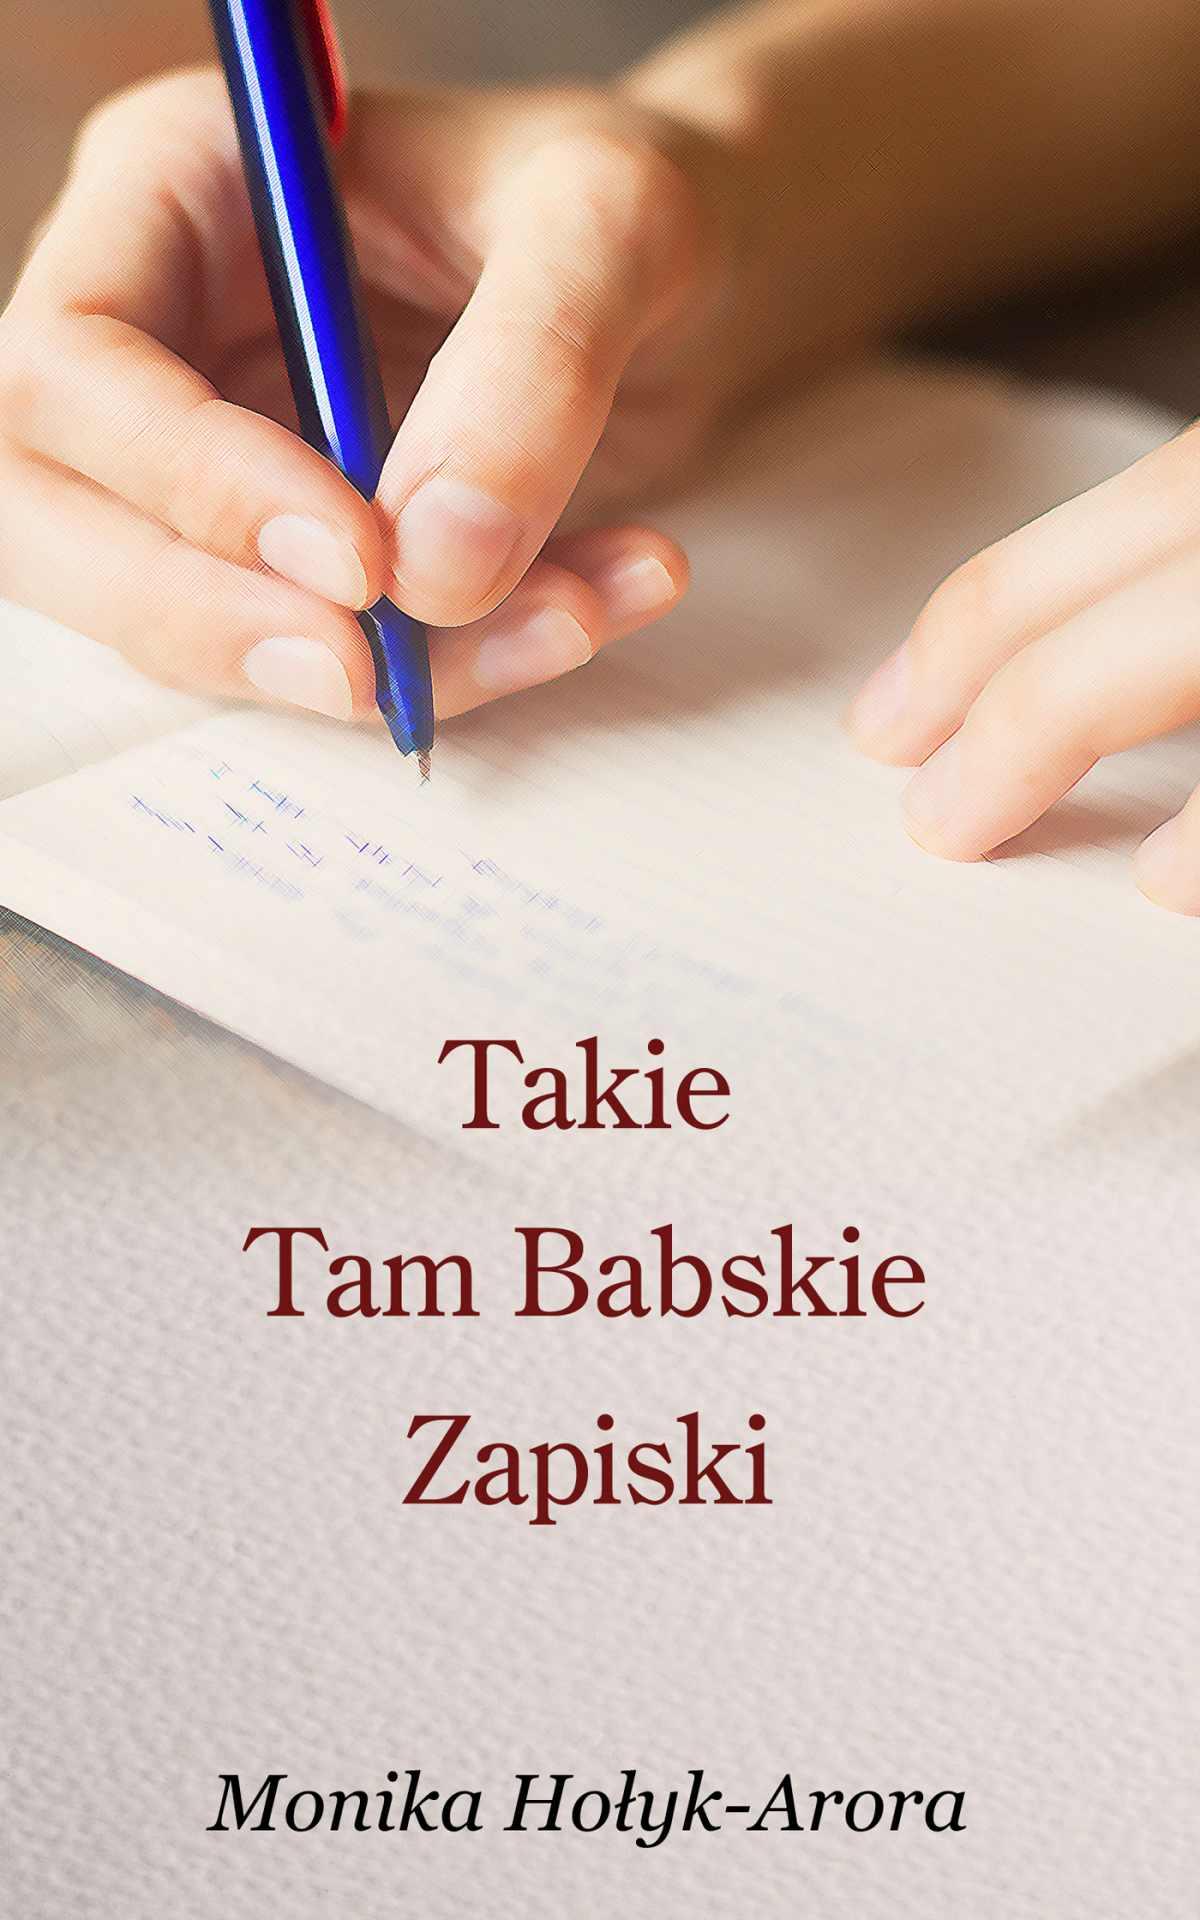 Takie tam babskie zapiski - Ebook (Książka PDF) do pobrania w formacie PDF